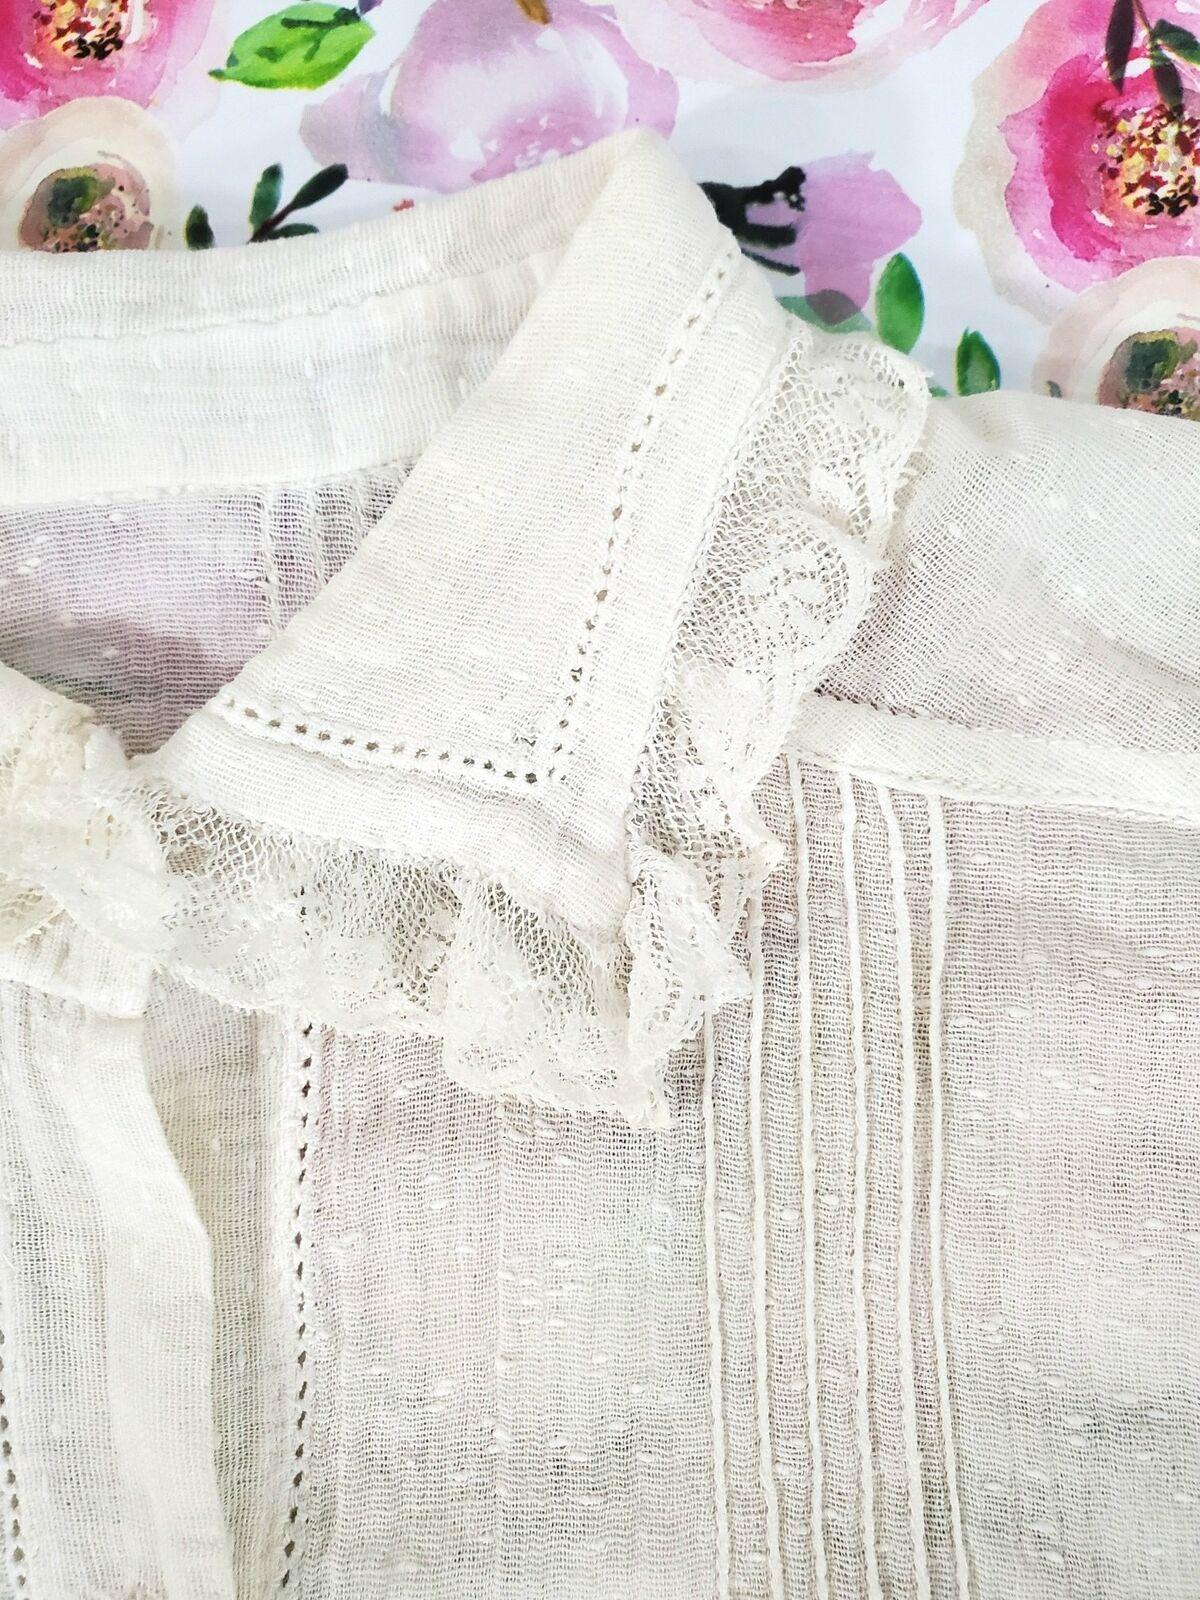 Vintage 10s Antique Cotton Blouse - xs, sm, petite - image 2